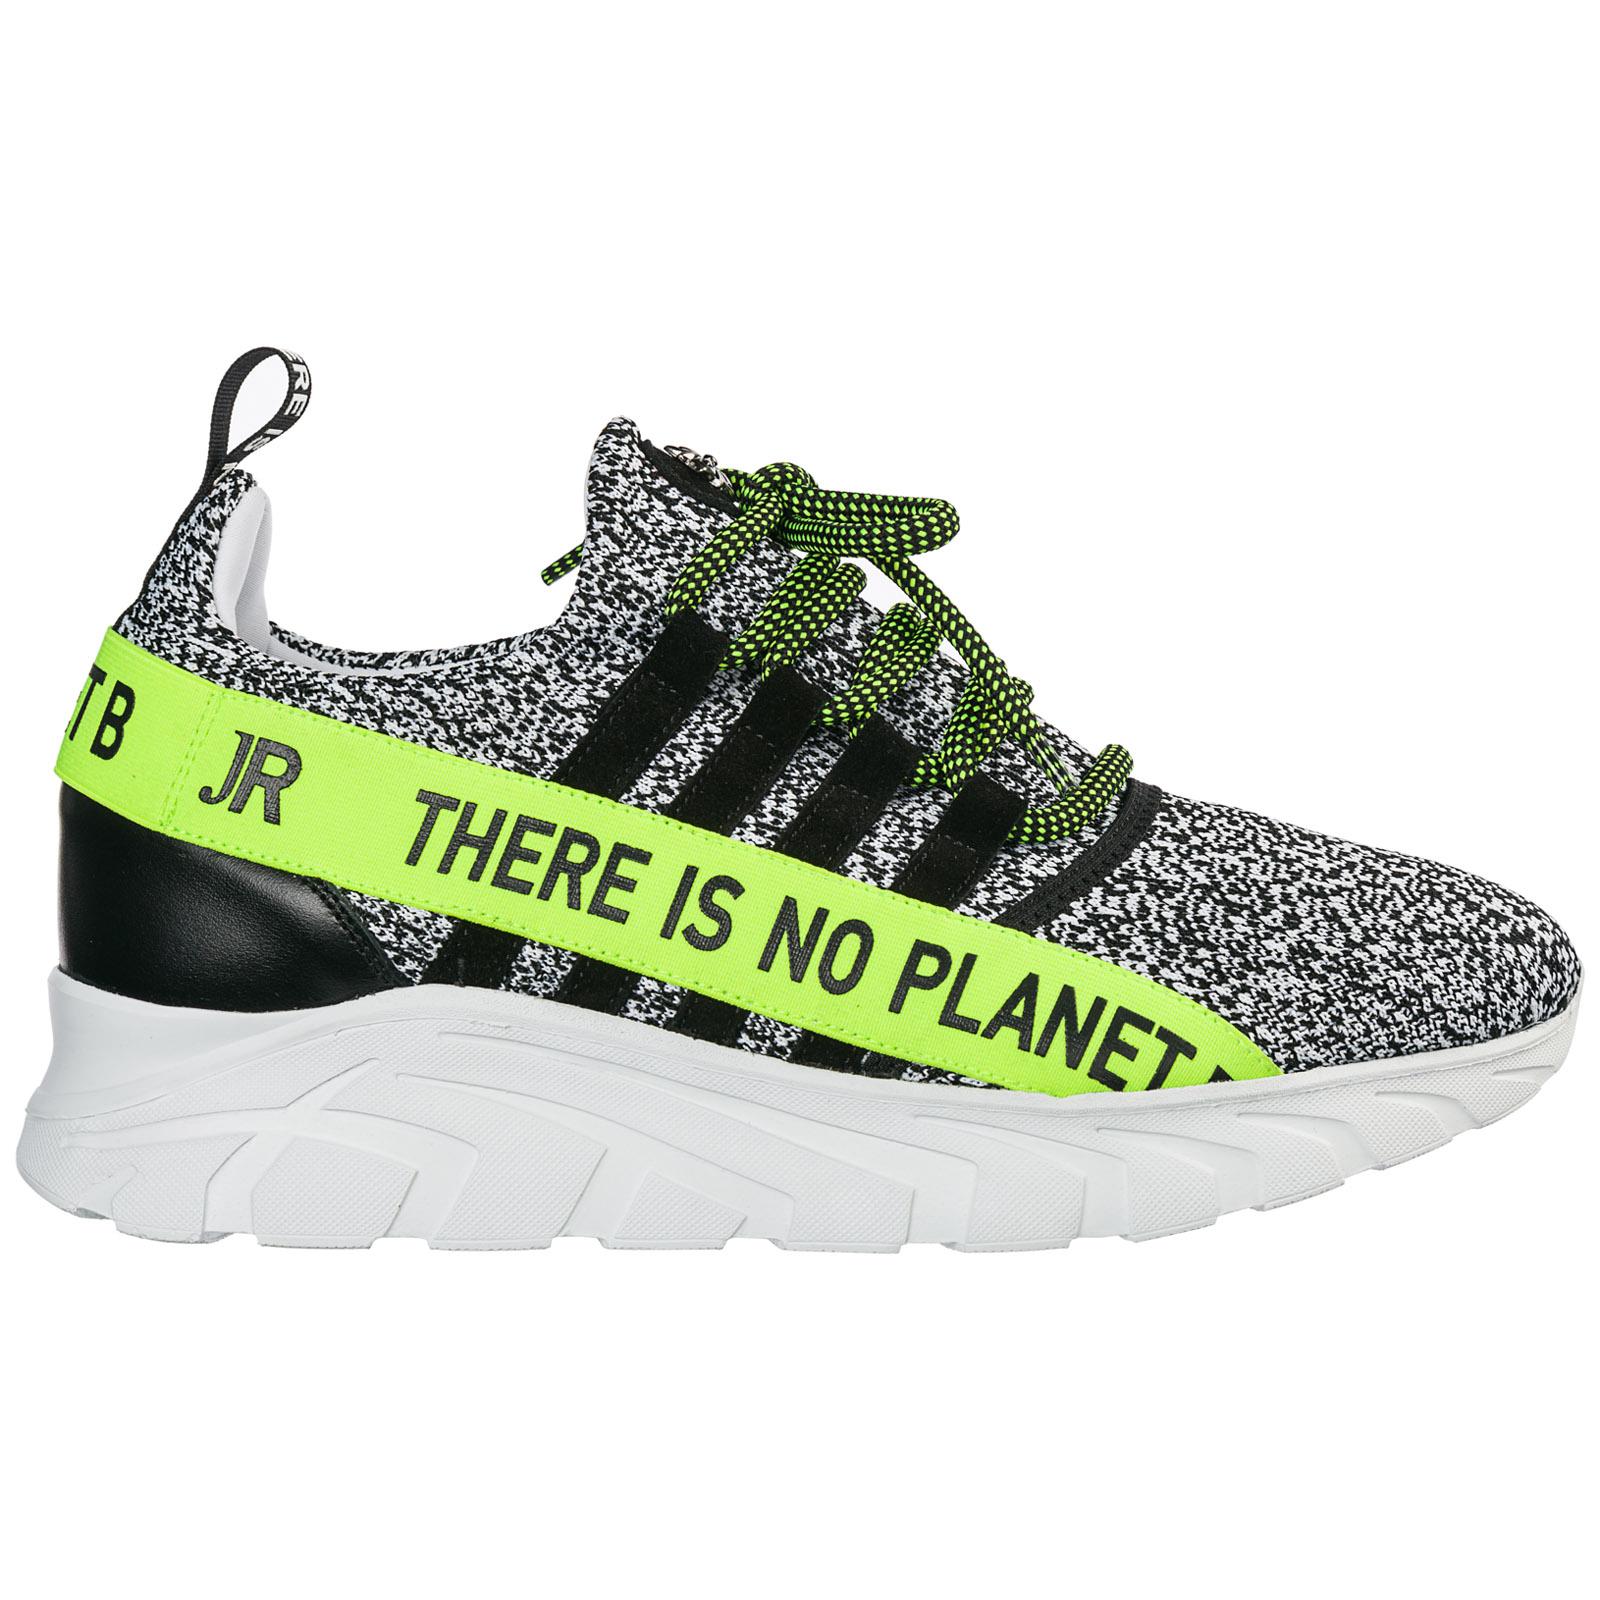 miglior sito salvare nuovo design Scarpe sneakers uomo no planet b